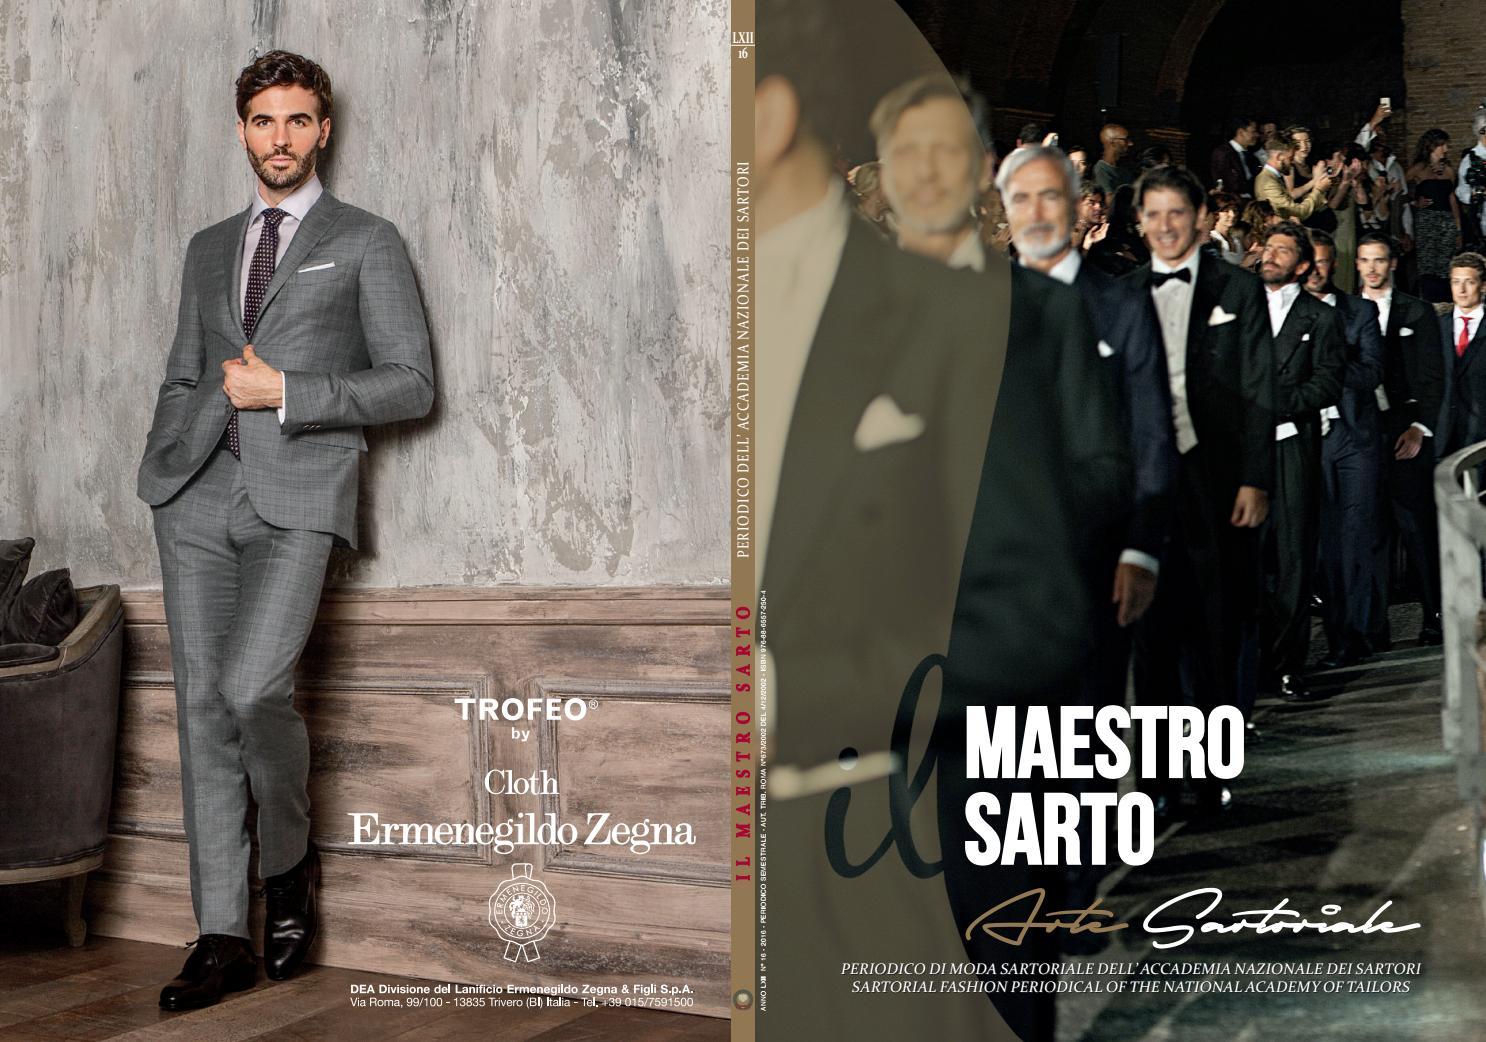 8b2e1f18059a7 Pubblicazione Anno 2016 by Accademia Nazionale dei Sartori - issuu